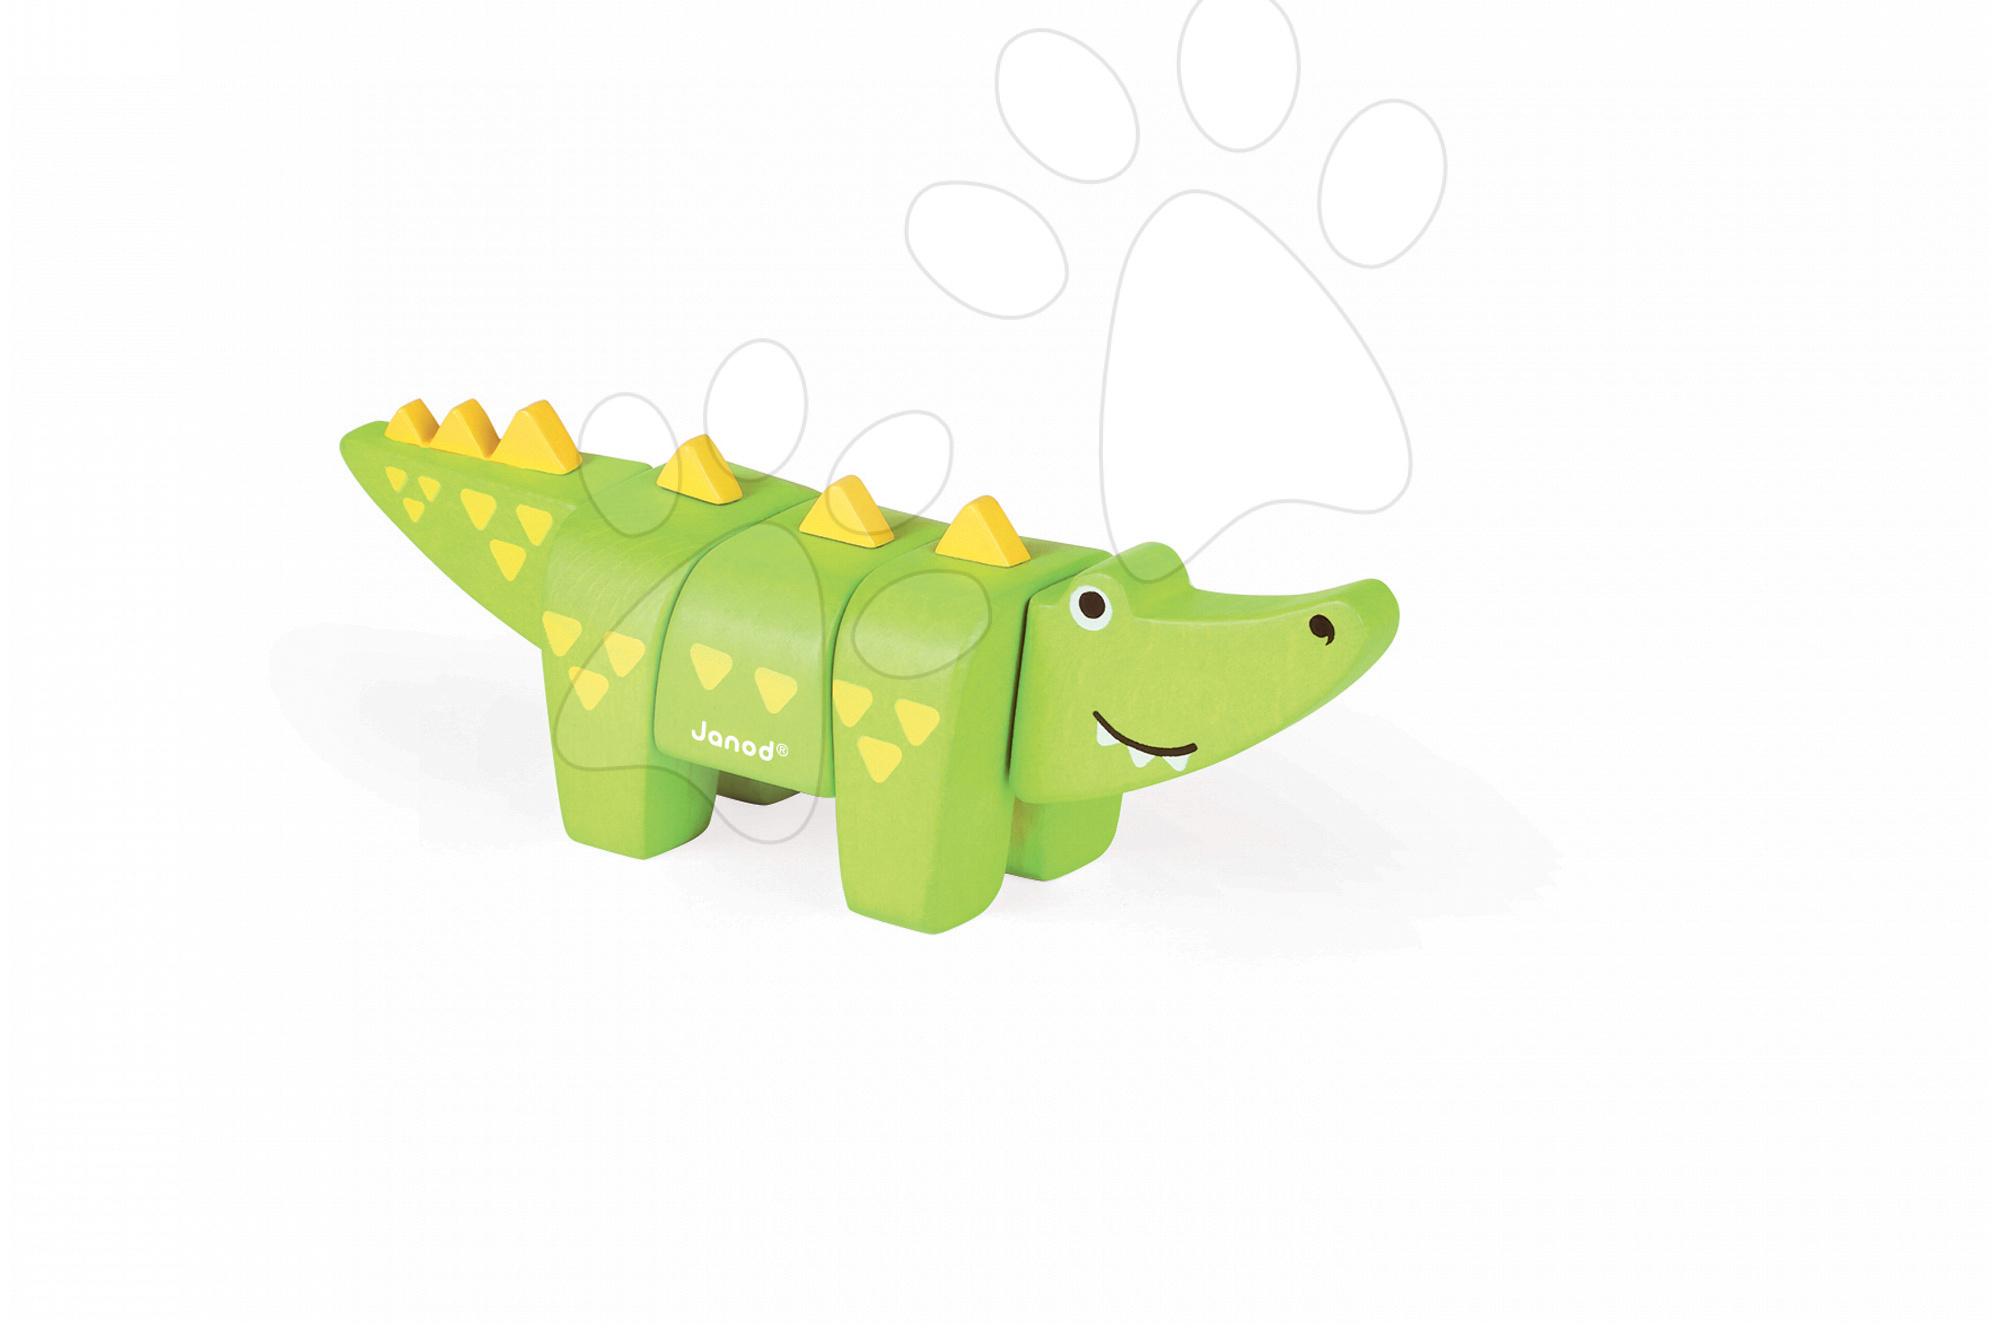 Dřevěné zvířátko krokodýl Janod skládací 5 dílů od 24 měsíců